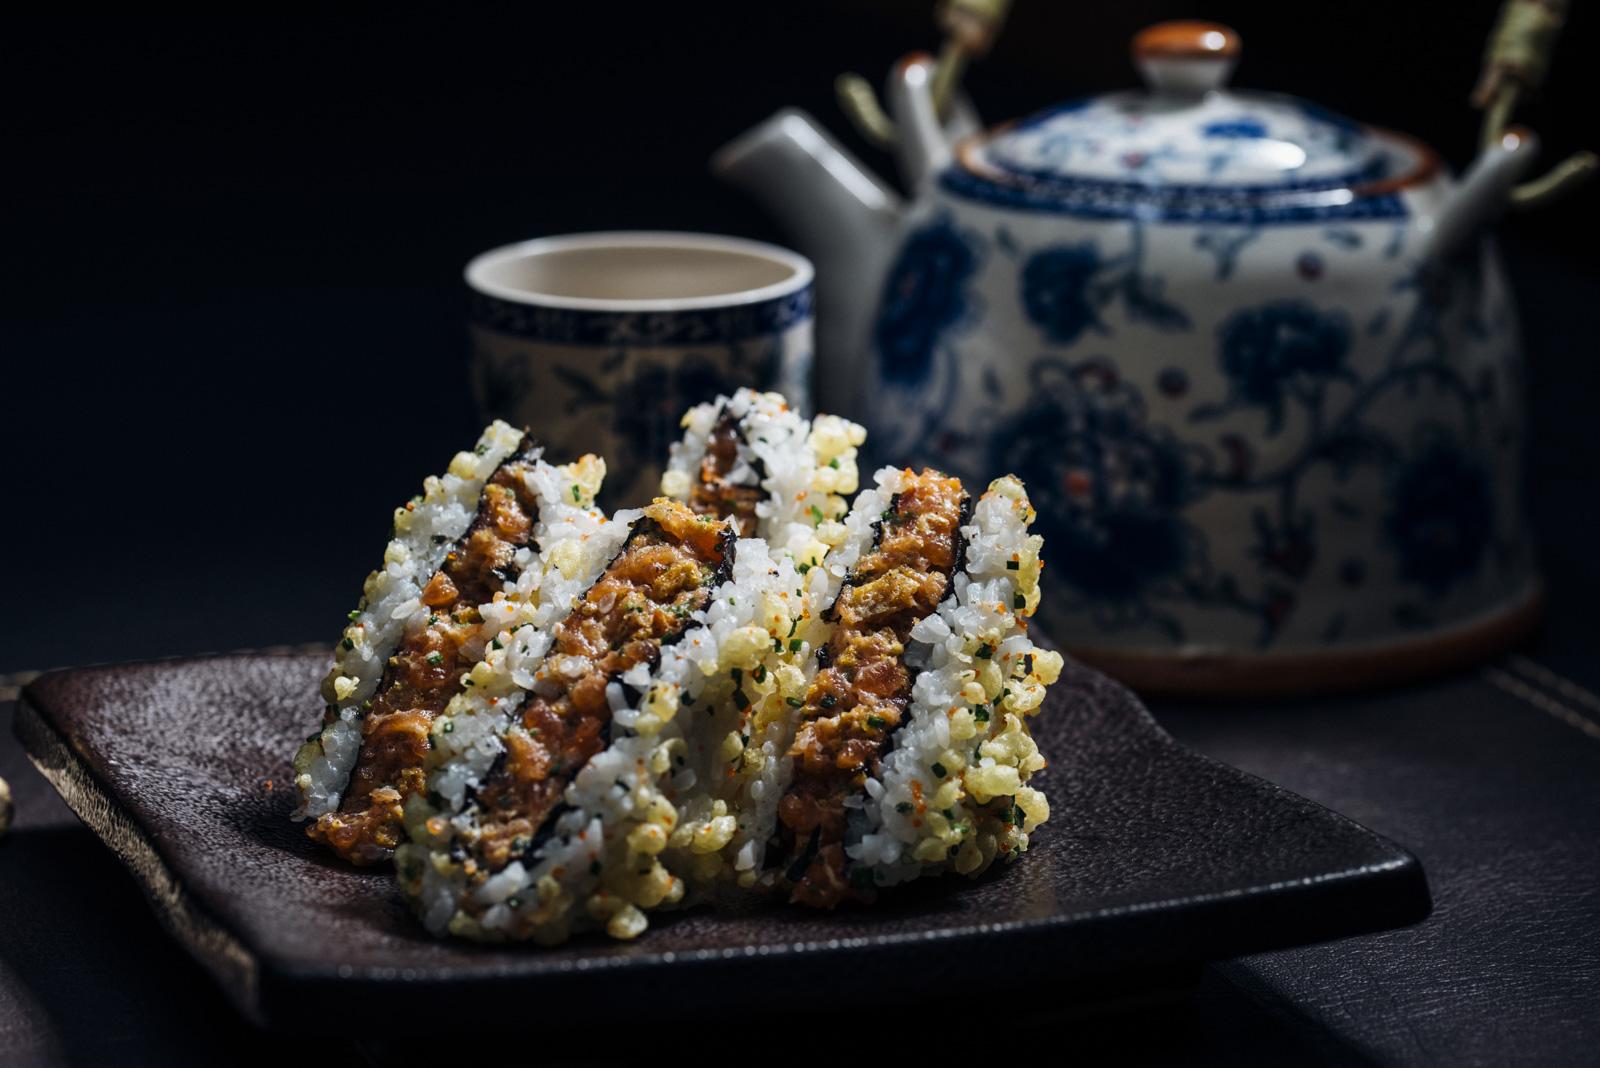 Cena a Ciegas: Hotel Santiago y Matsuri sorprenderán con menú de 13 tiempos